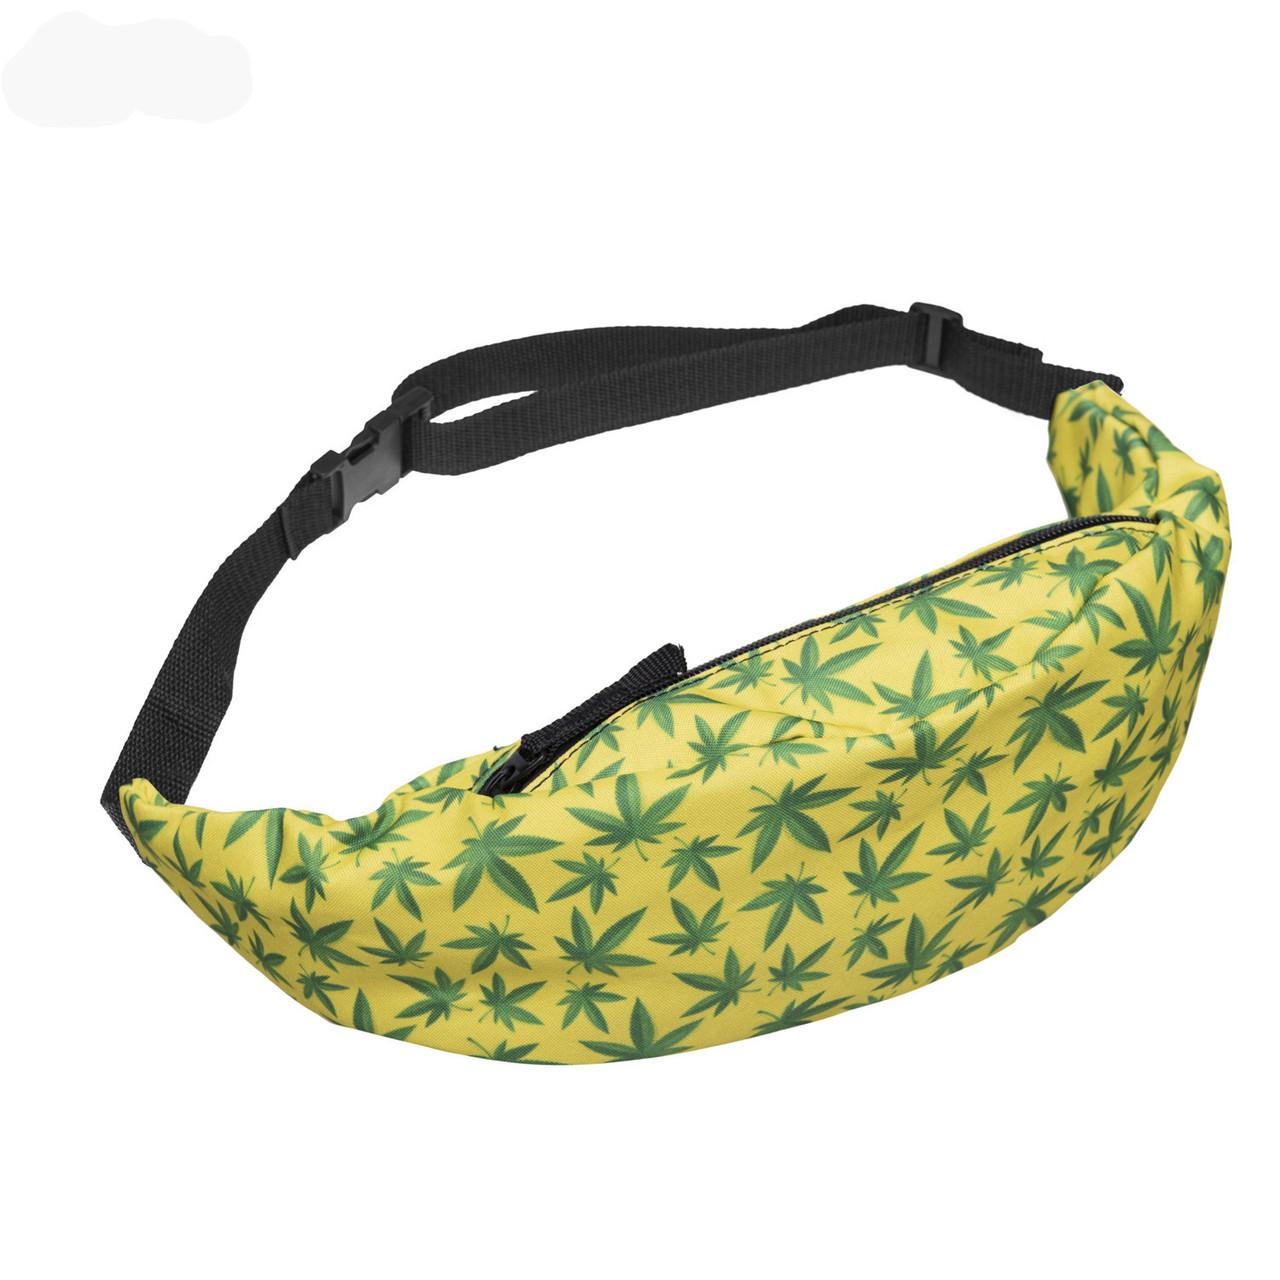 Поясная сумка в стиле Zohra Huf желтый, фото 1